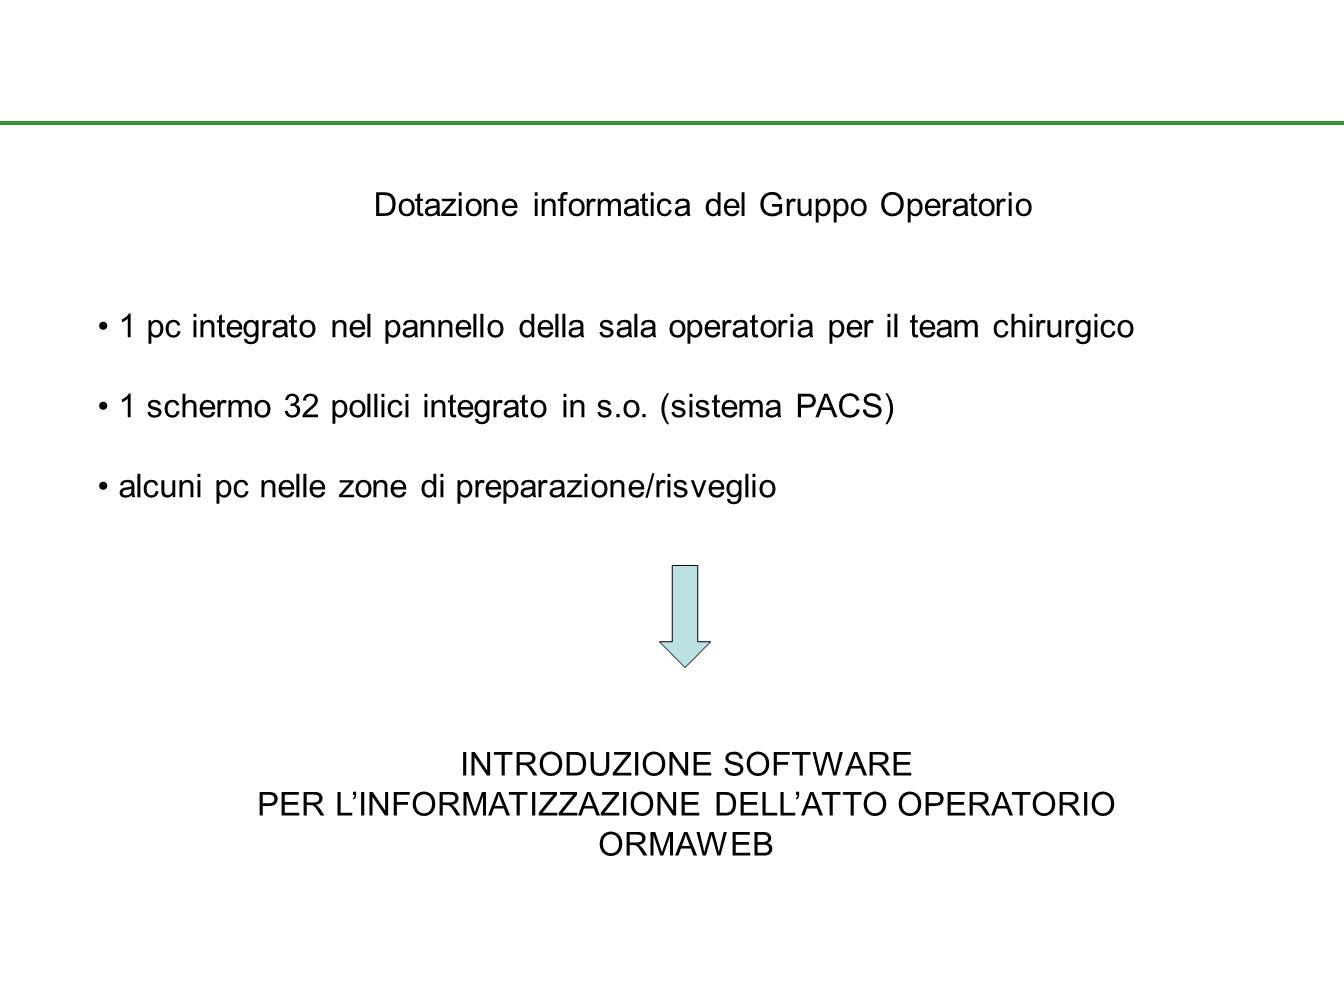 Dotazione informatica del Gruppo Operatorio